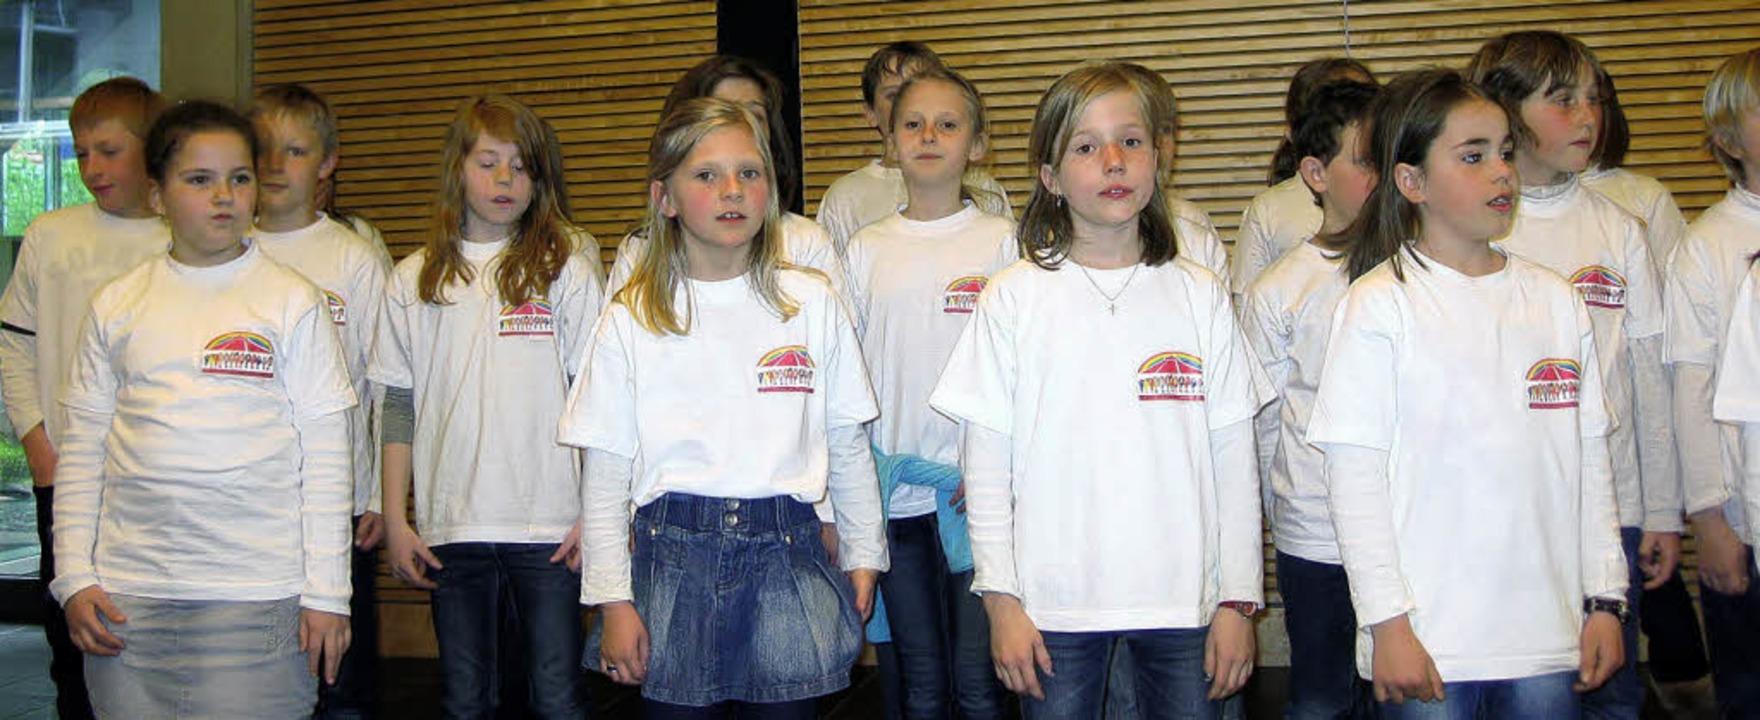 Die Mädchen und Jungen des Schulchors ...Regierungspräsidentin Bärbel Schäfer.     Foto: privat